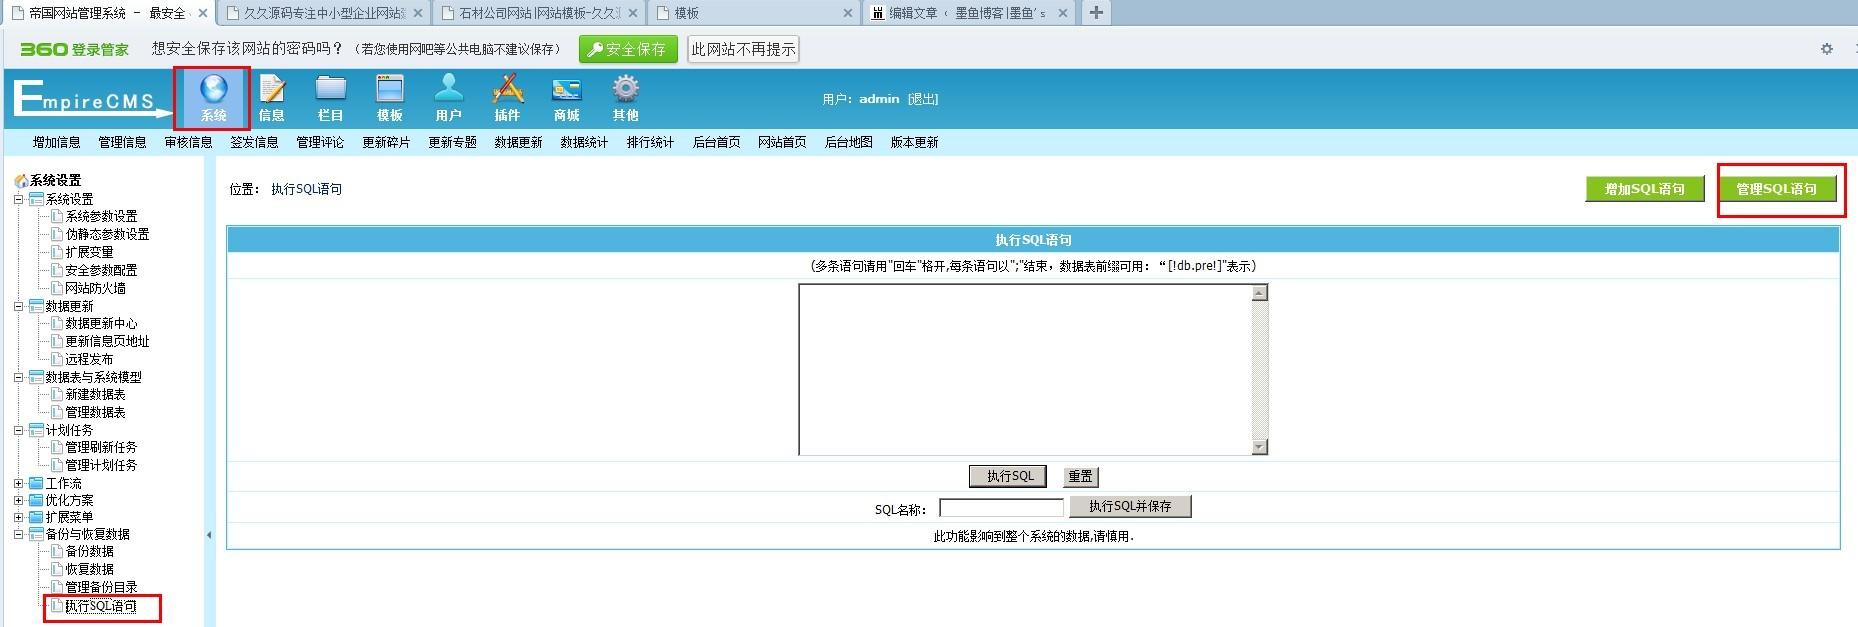 """久久源码 原""""帝国动力""""PHPWEB代理平台 最新升级版 一键更新设置版"""